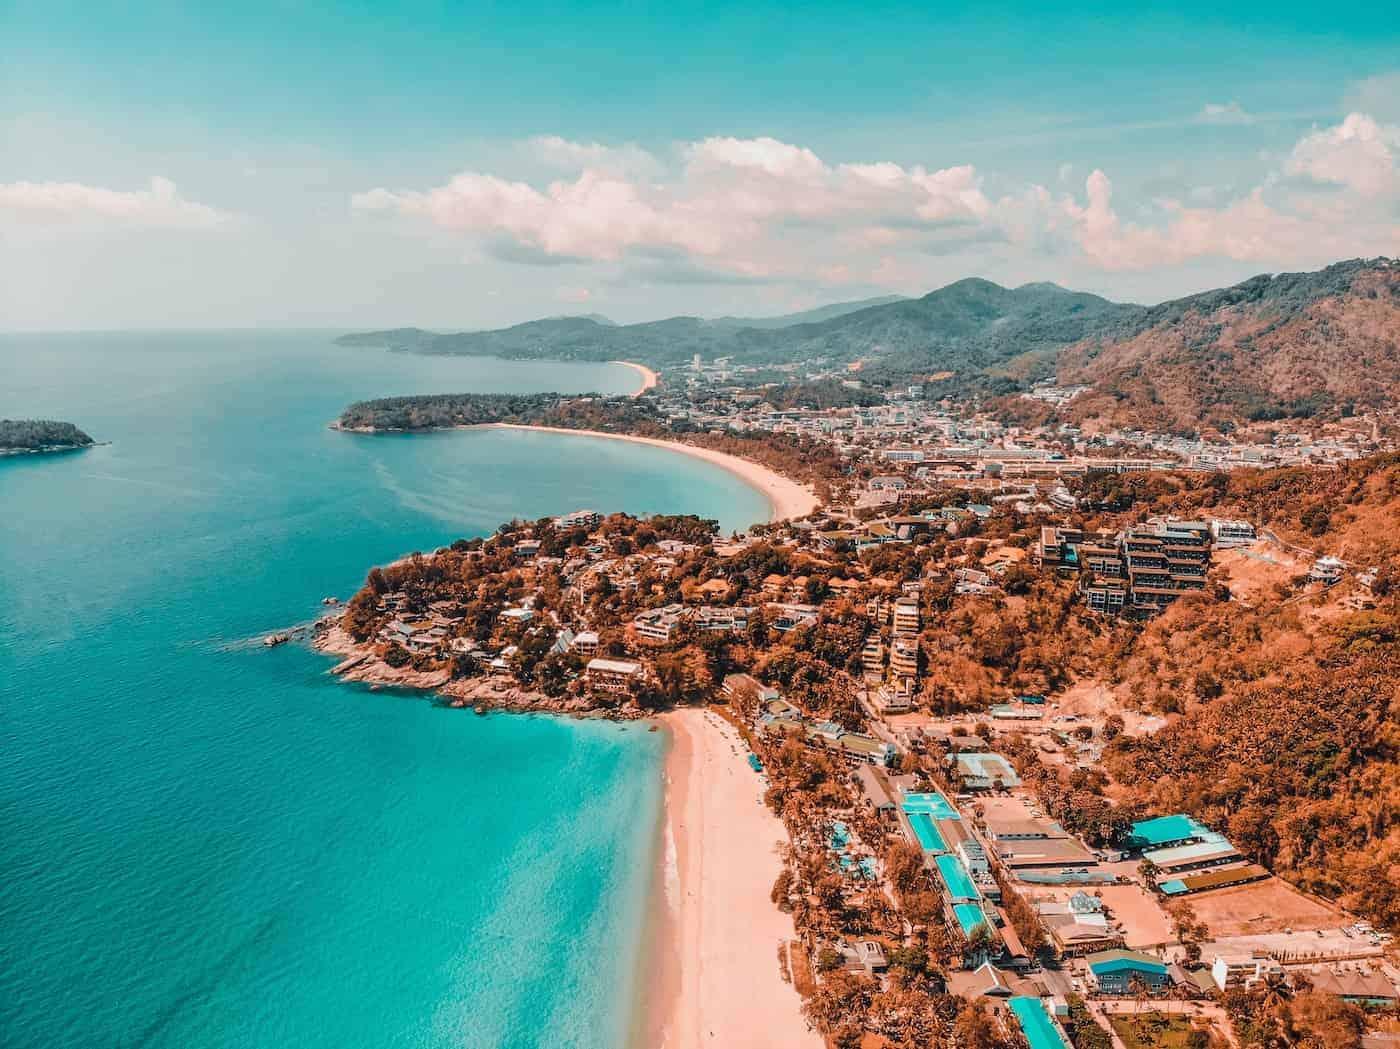 Tailandia: Phuket lanzó un programa de viaje de 14 días para el cual no es necesario hacer cuarentena